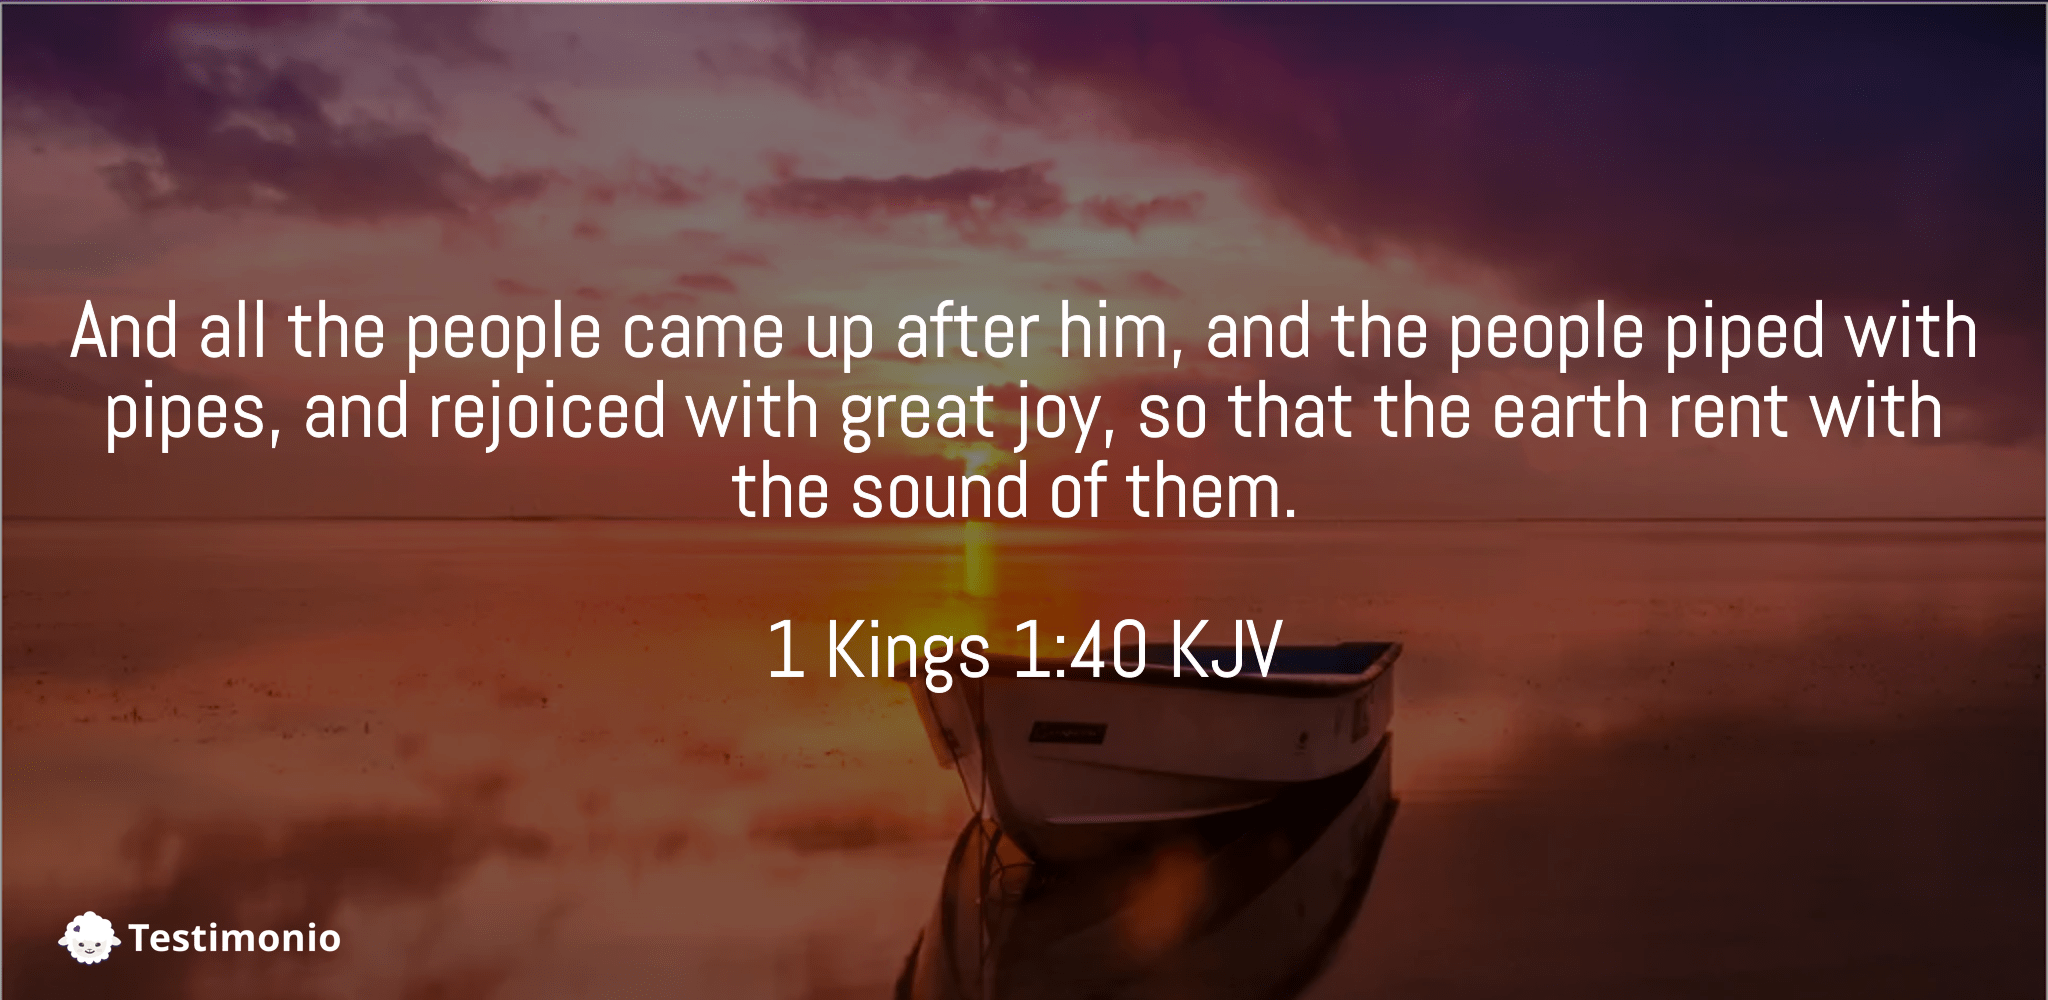 1 Kings 1:40